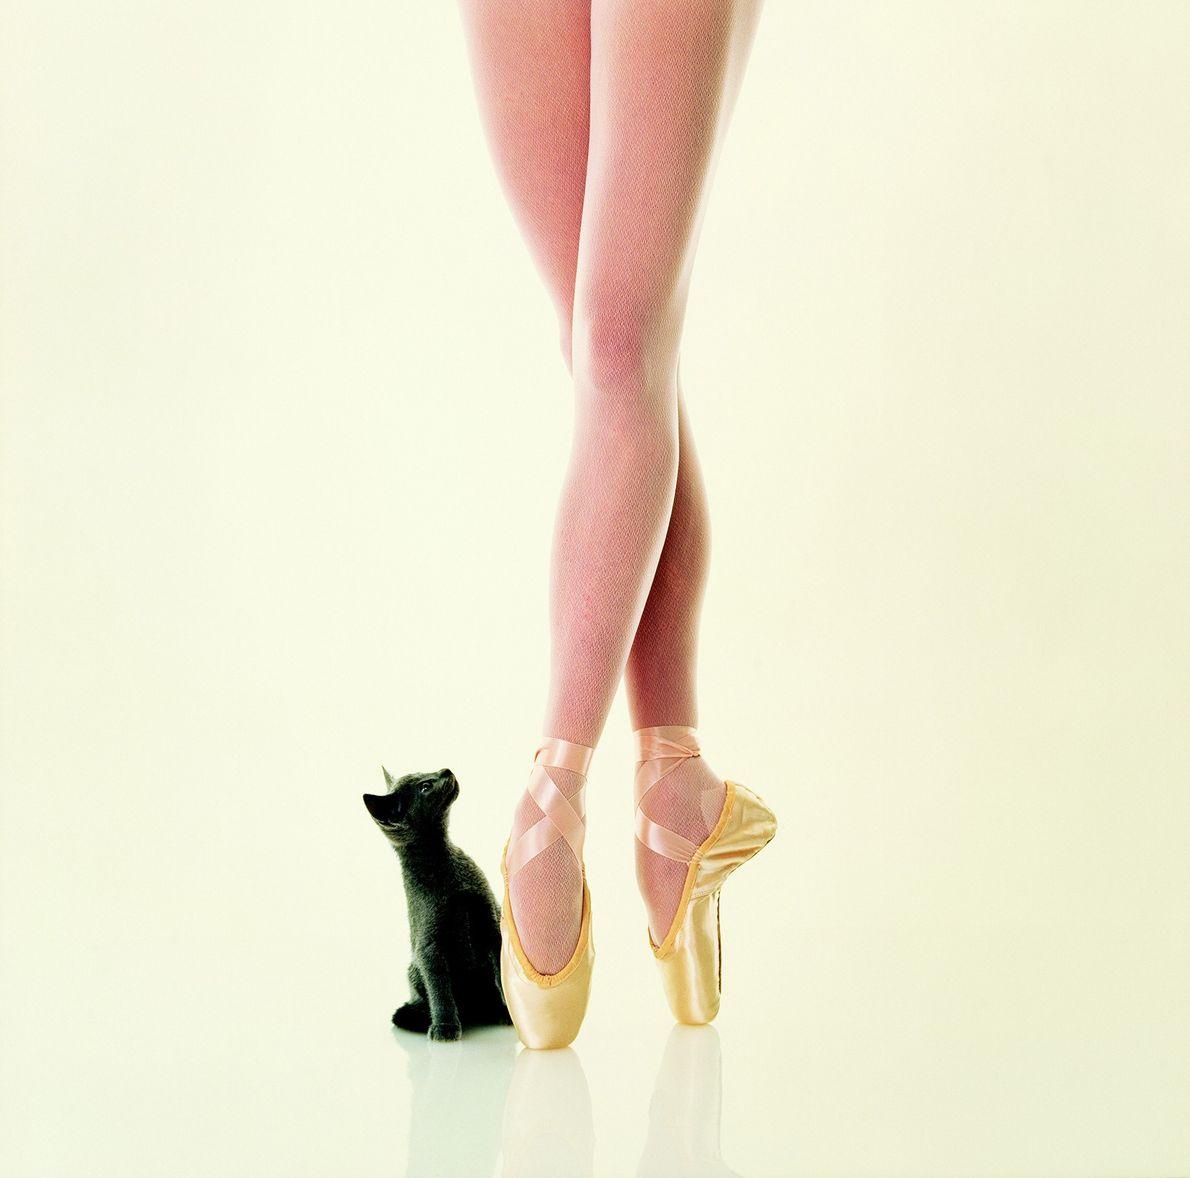 Gato y bailarina